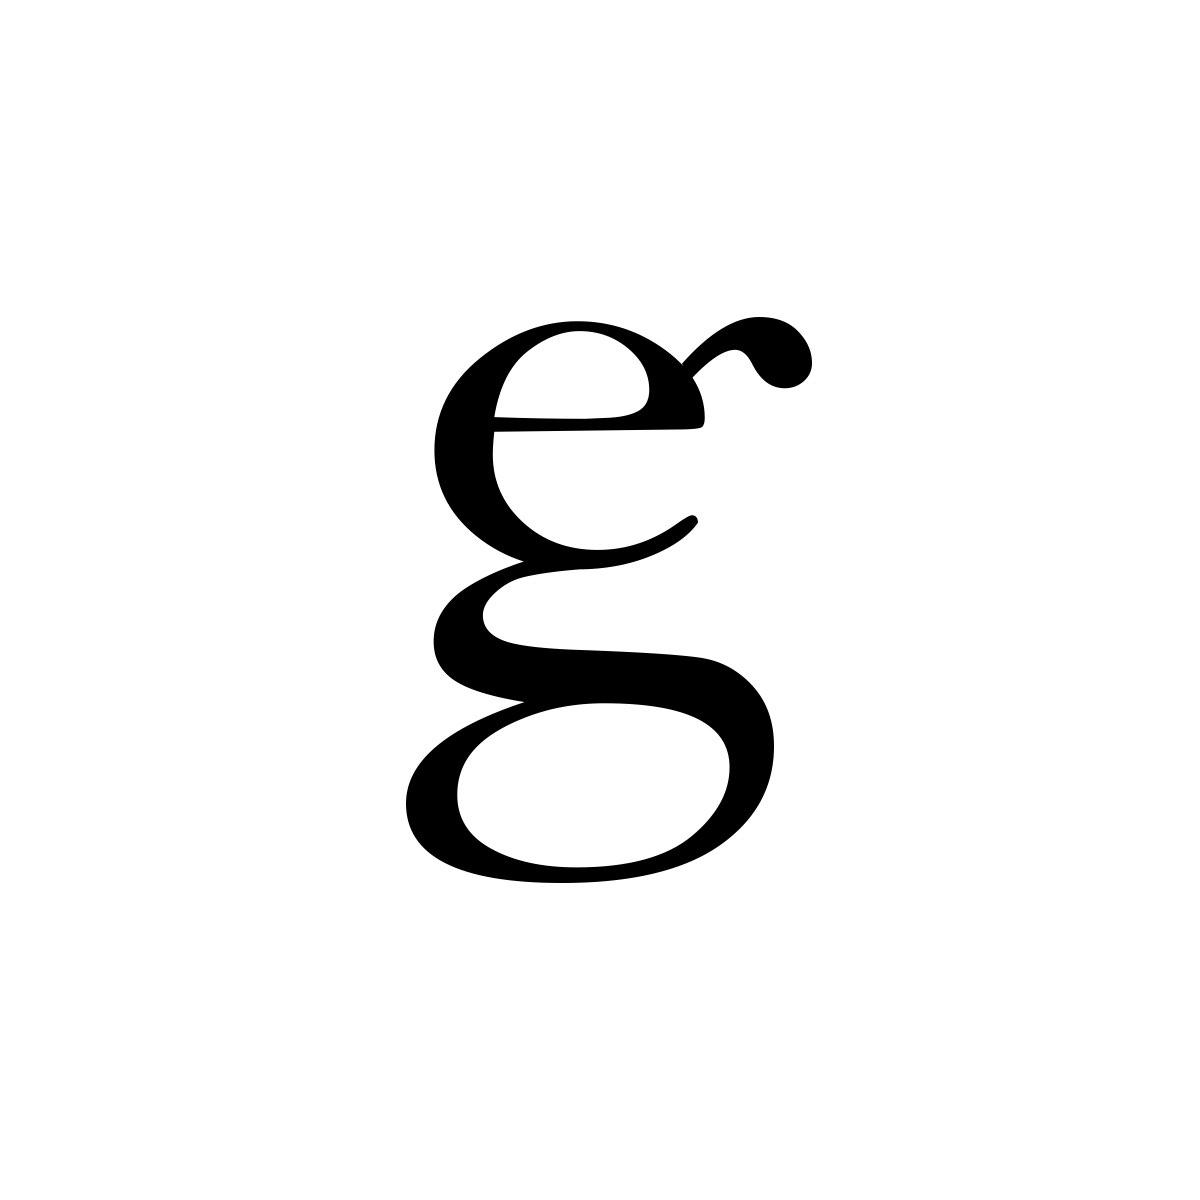 logos.028.jpeg